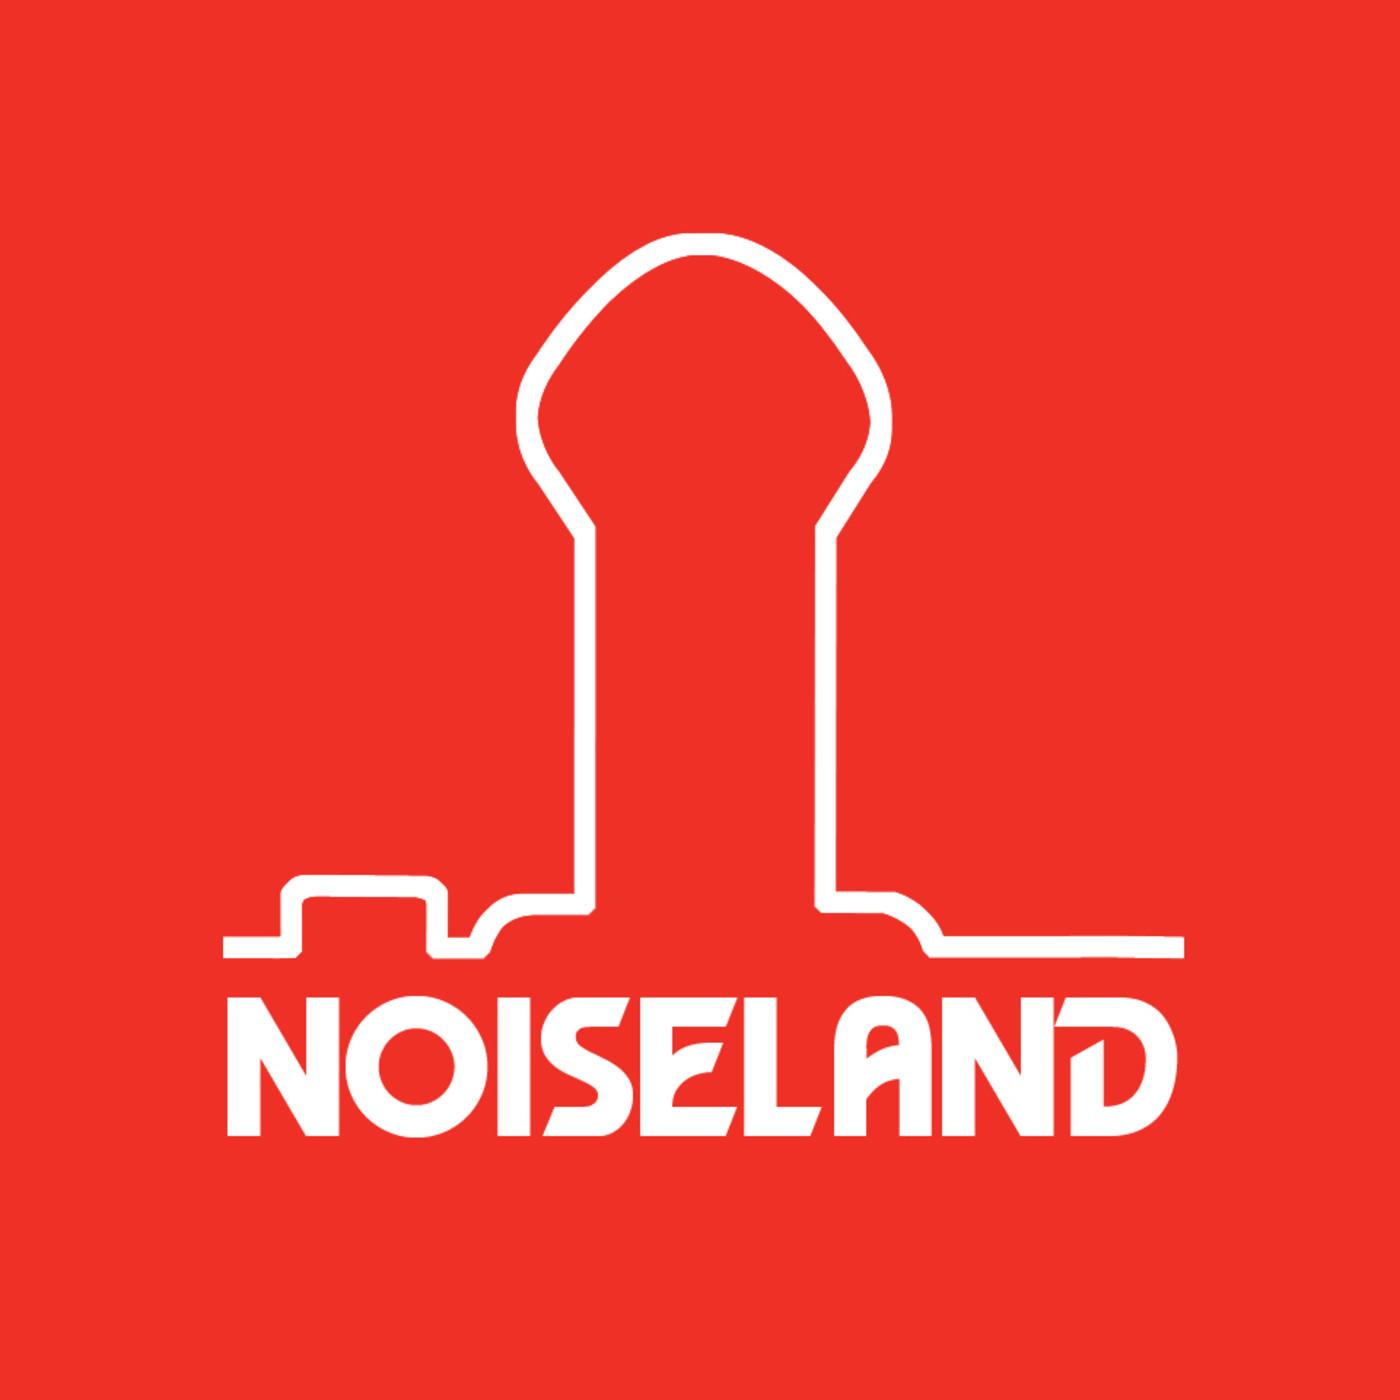 <![CDATA[Noiseland VG]]>